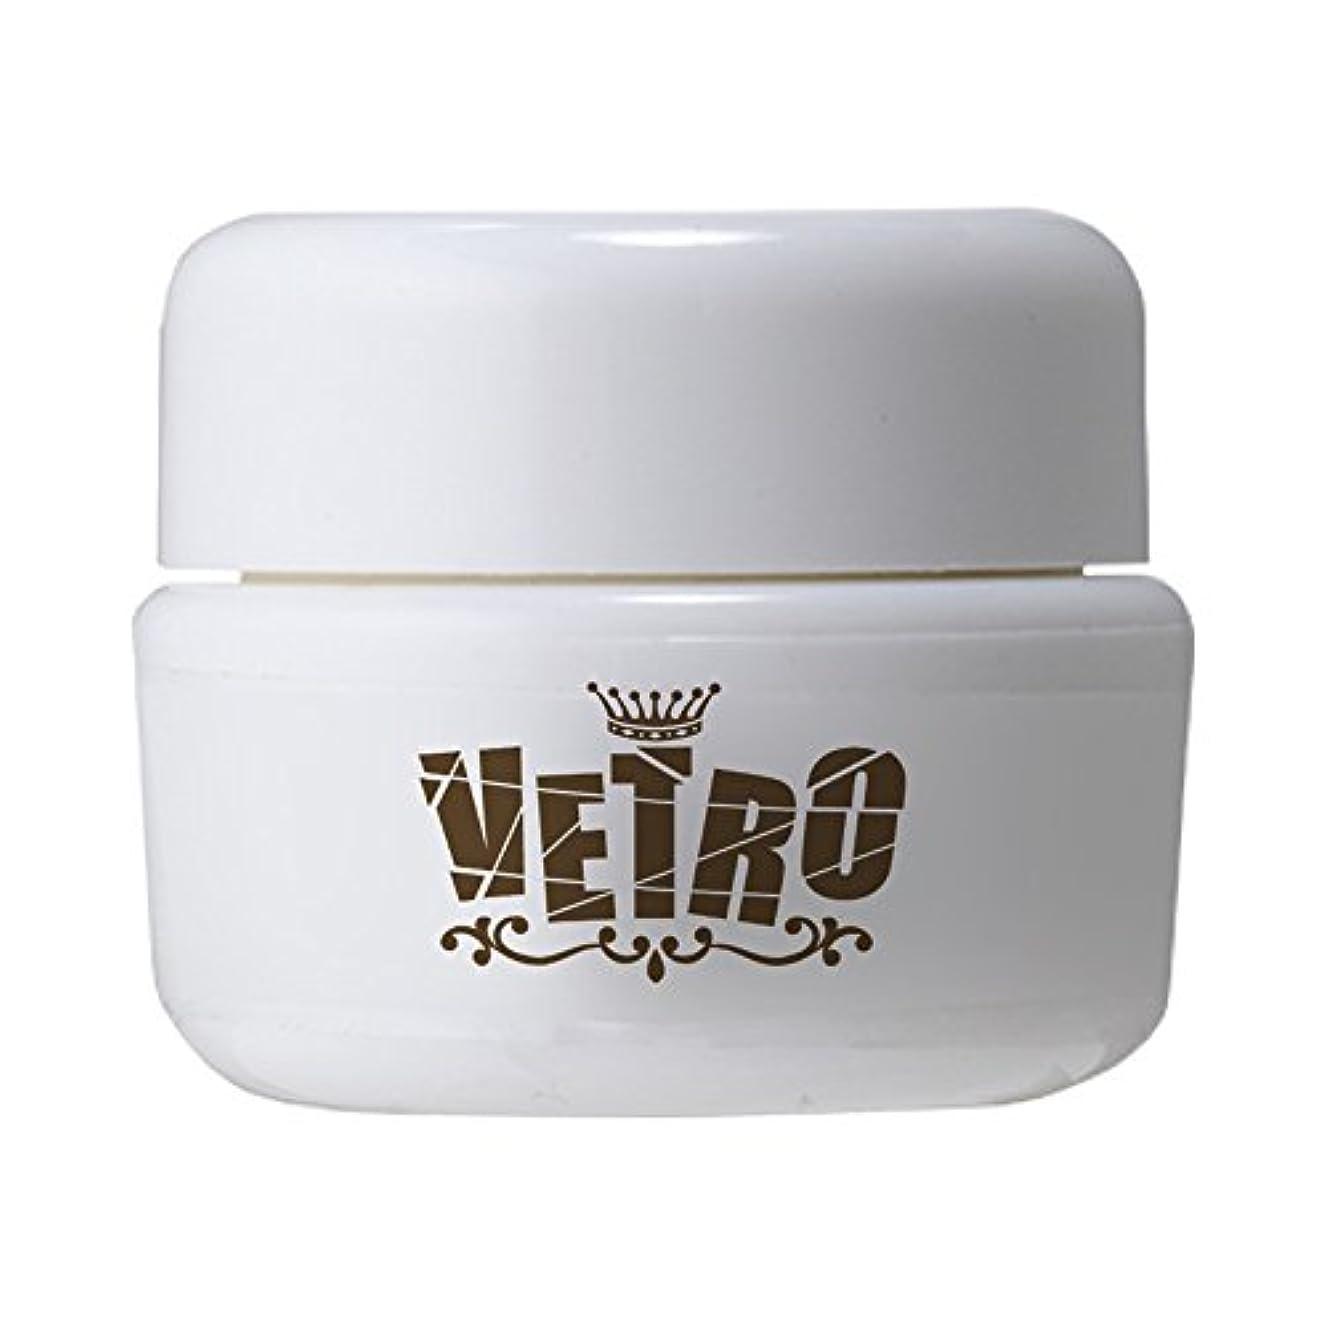 オーロックプランター持続的VETRO No.19 カラージェル グリッター VL058 ラブイット 4ml